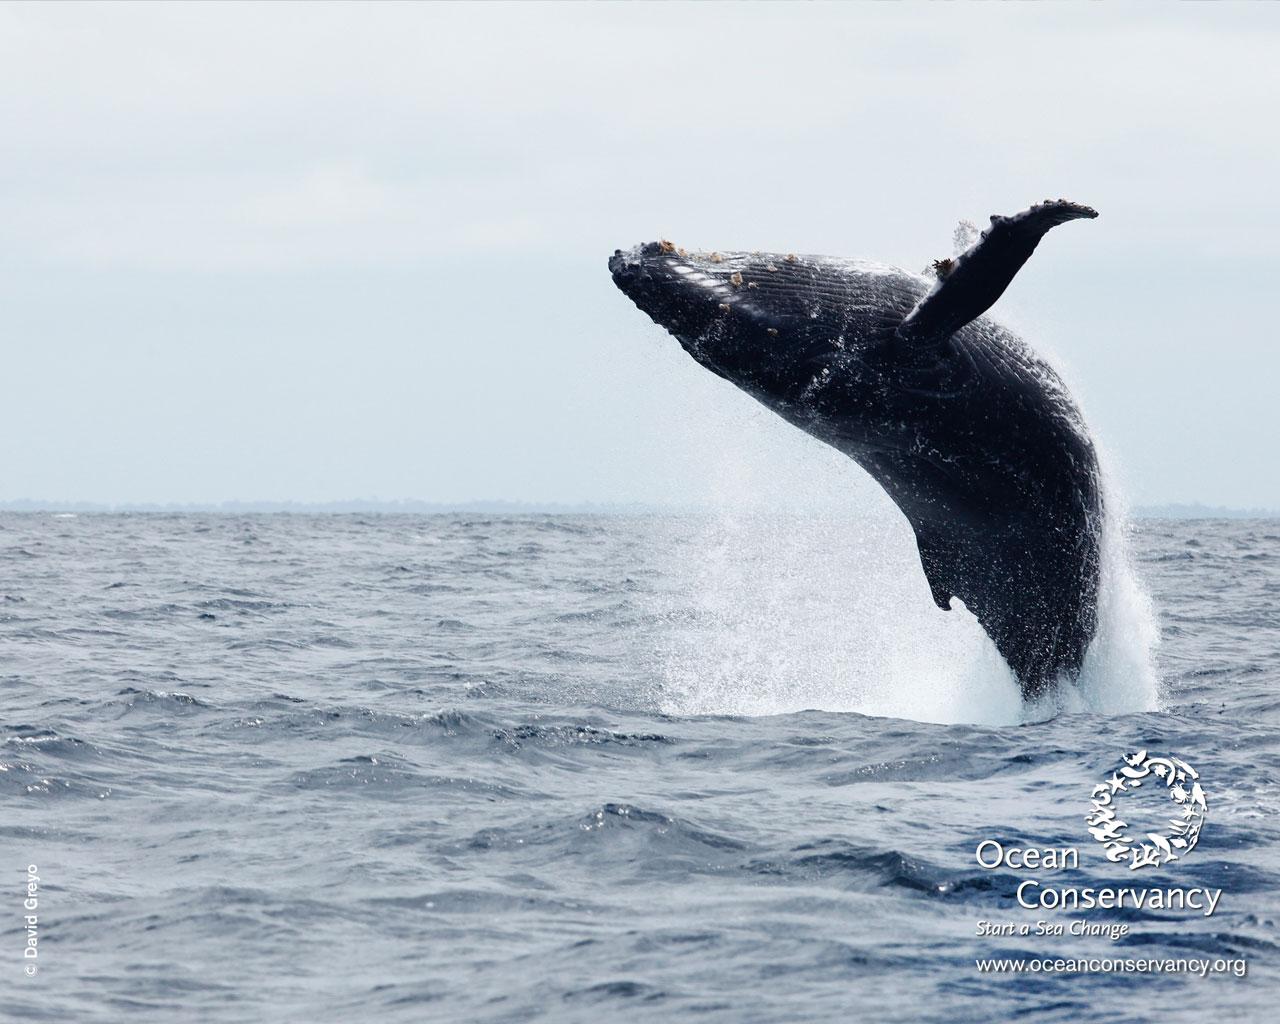 Ocean Conservancy Desktop Wallpaper 1280x1024